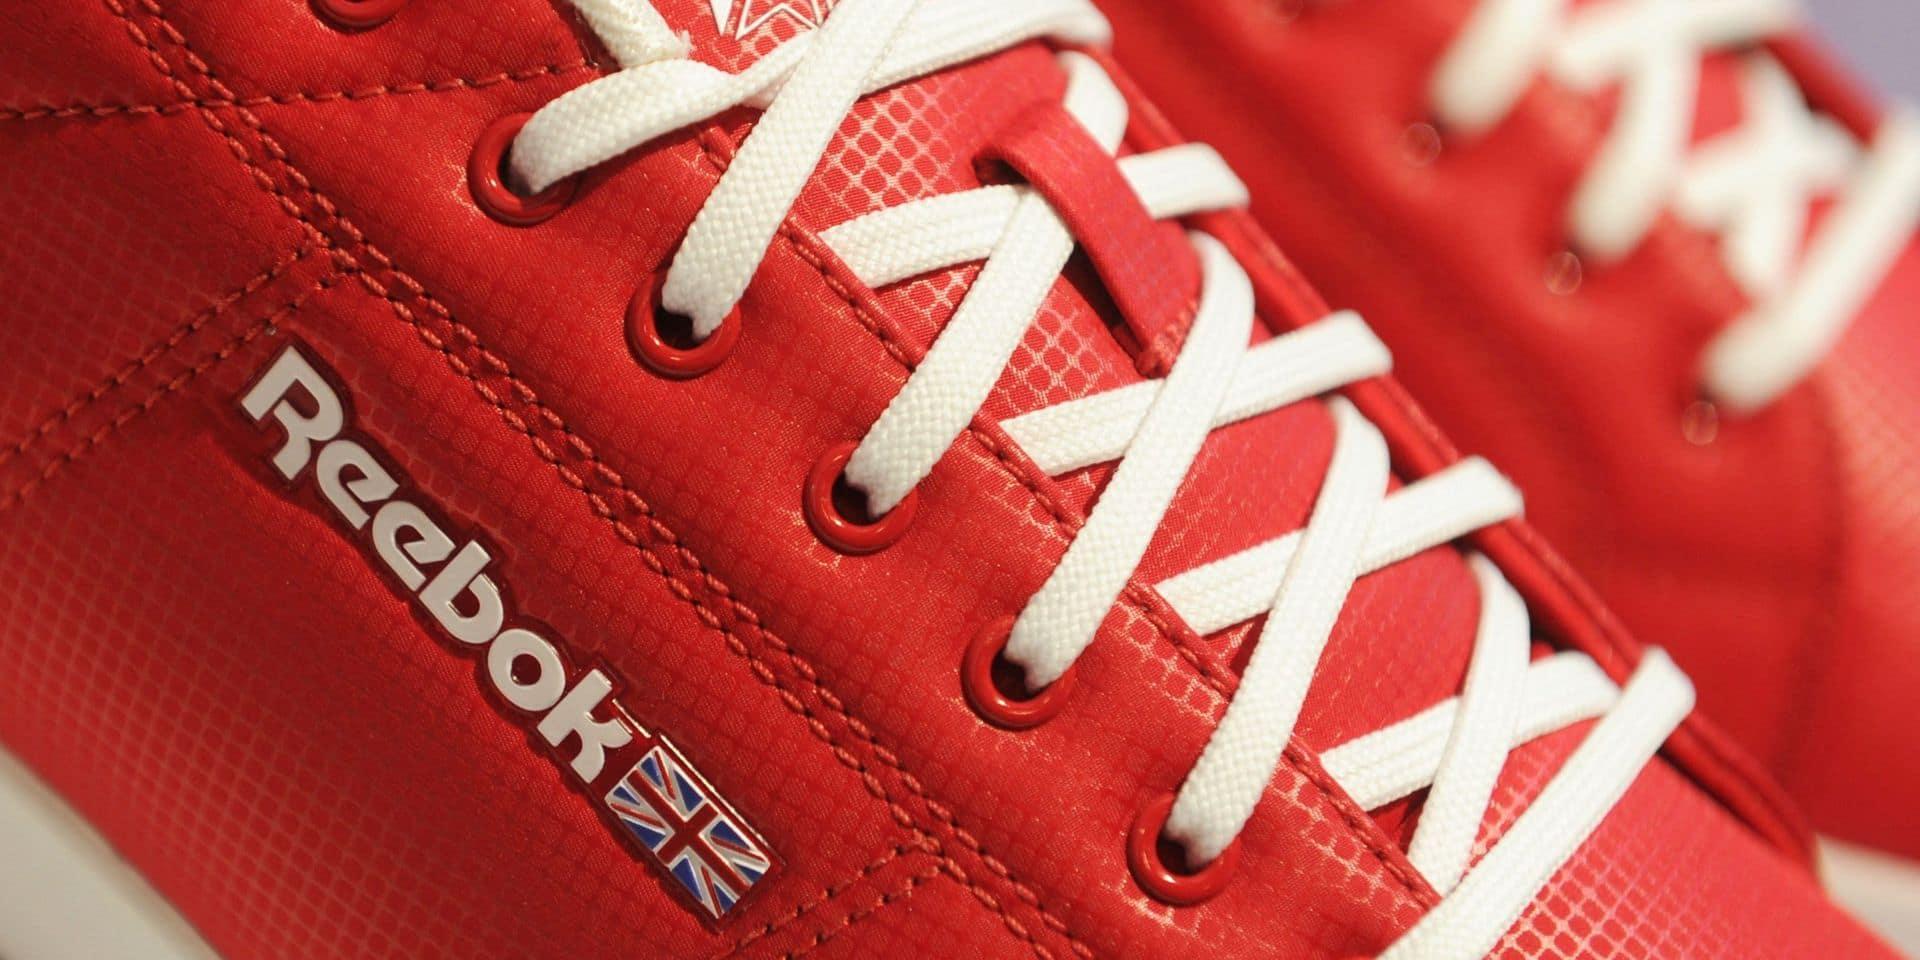 Adidas se sépare de Reebok